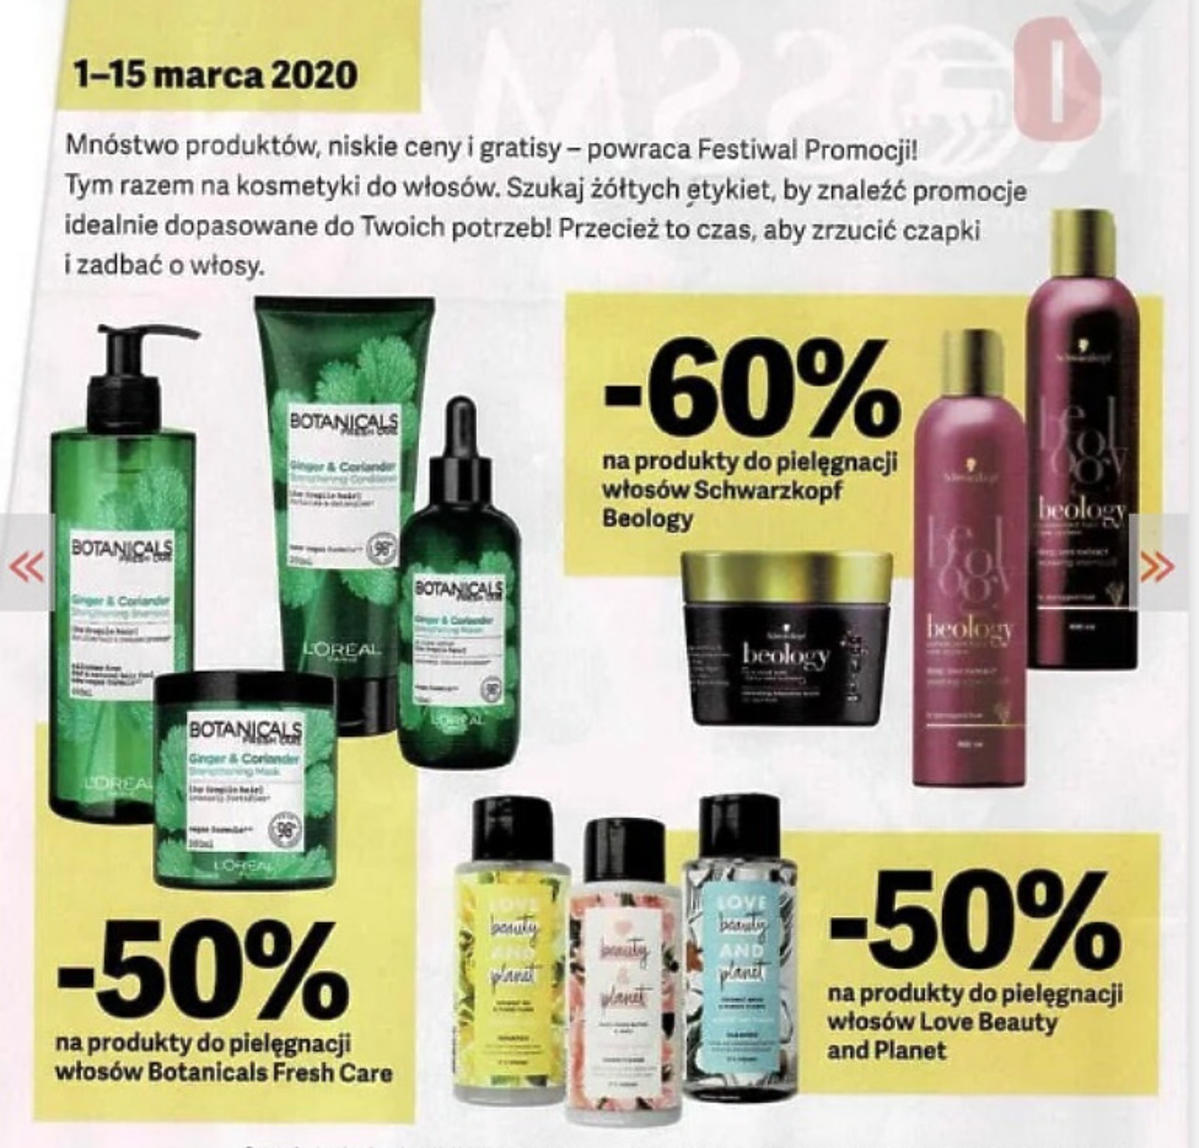 Rossmann gazeta kosmetyki do włosów